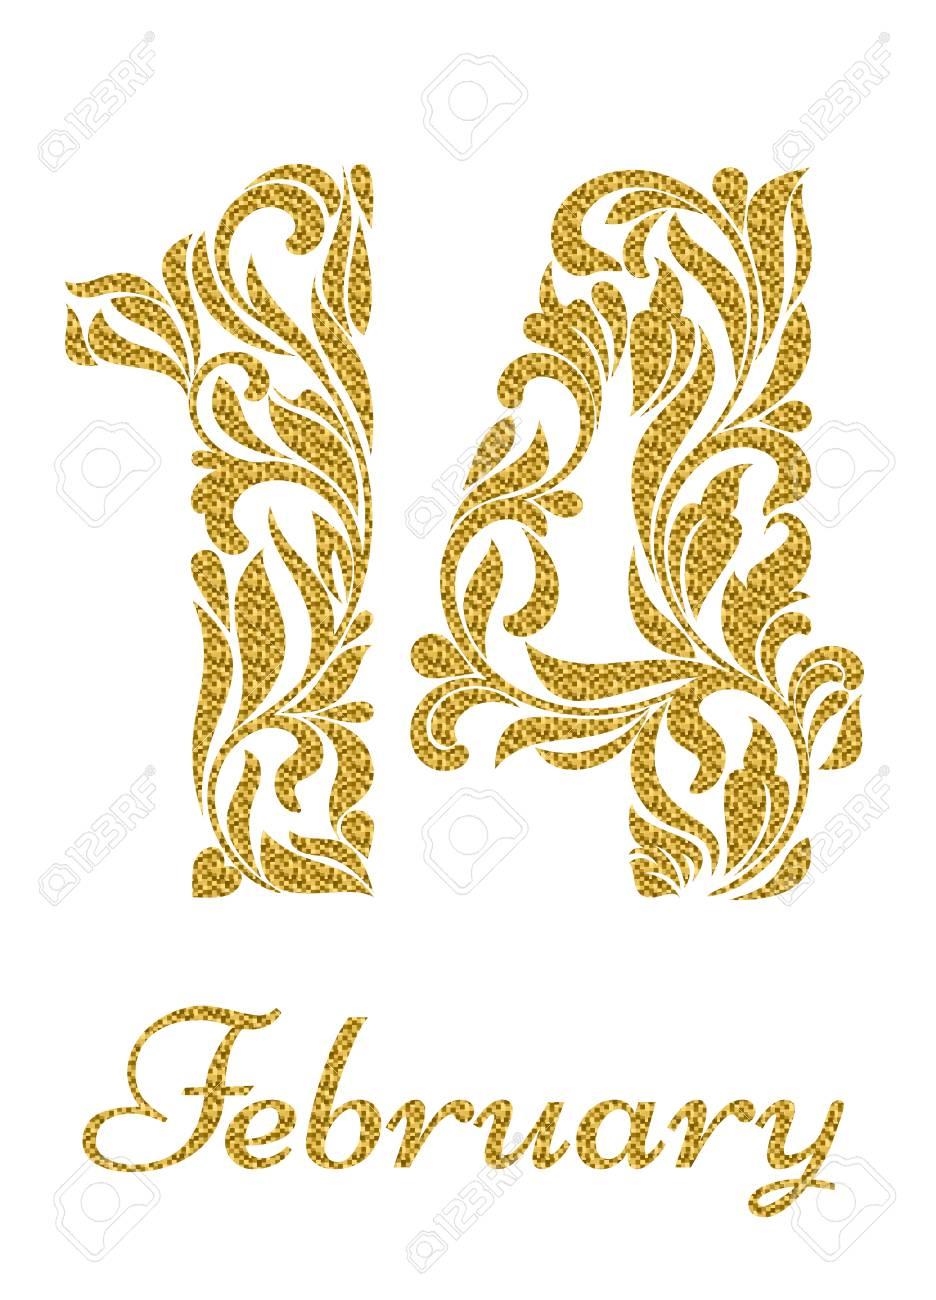 2 月 14 日花の飾りからゴールドラメと数字のイラスト素材ベクタ